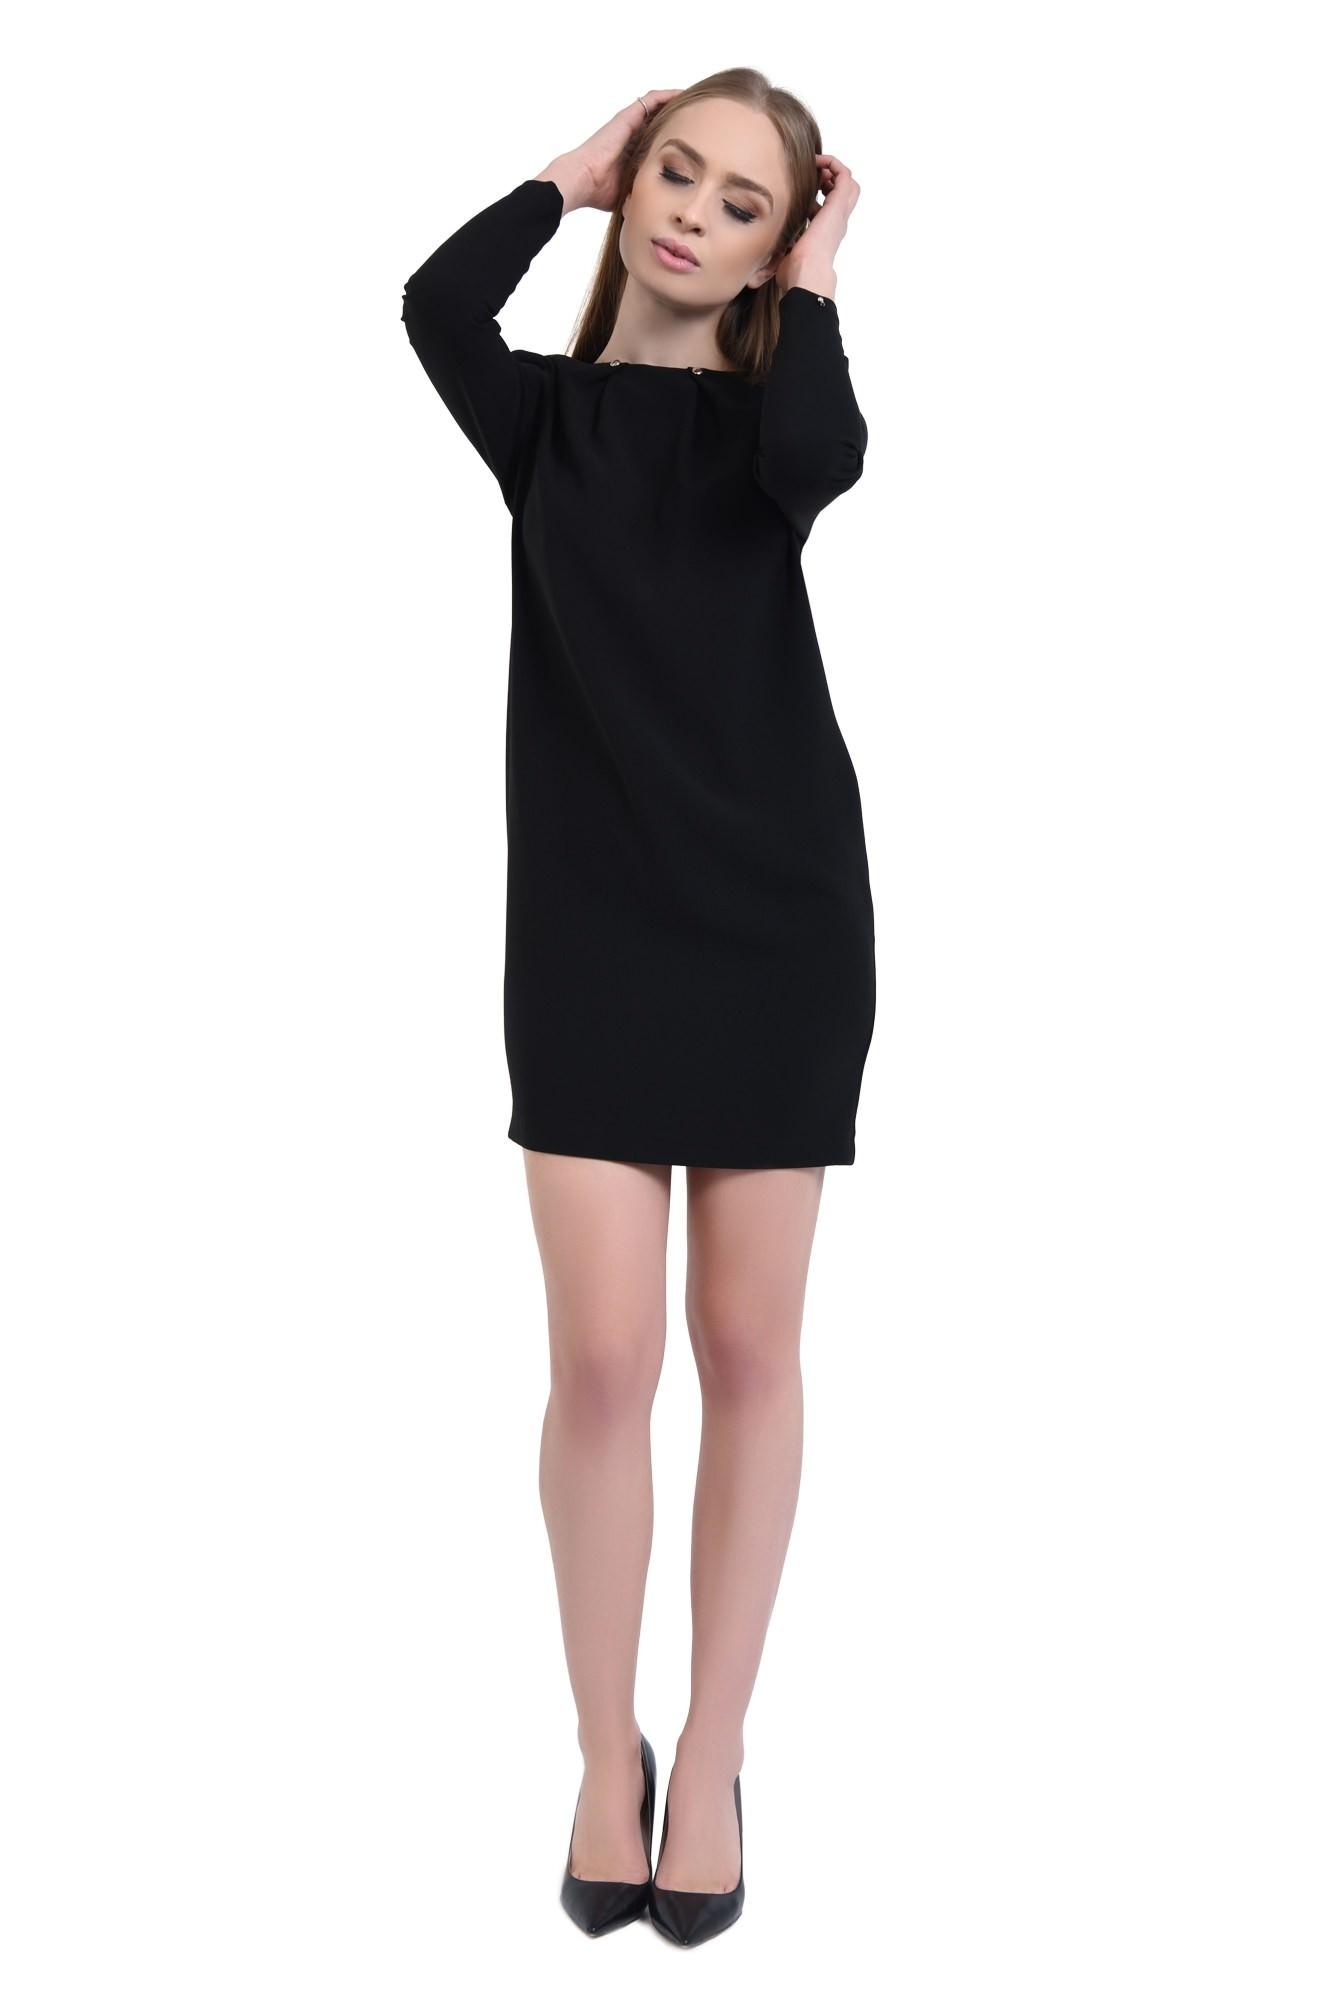 3 - 360 - Rochie eleganta, pliseuri